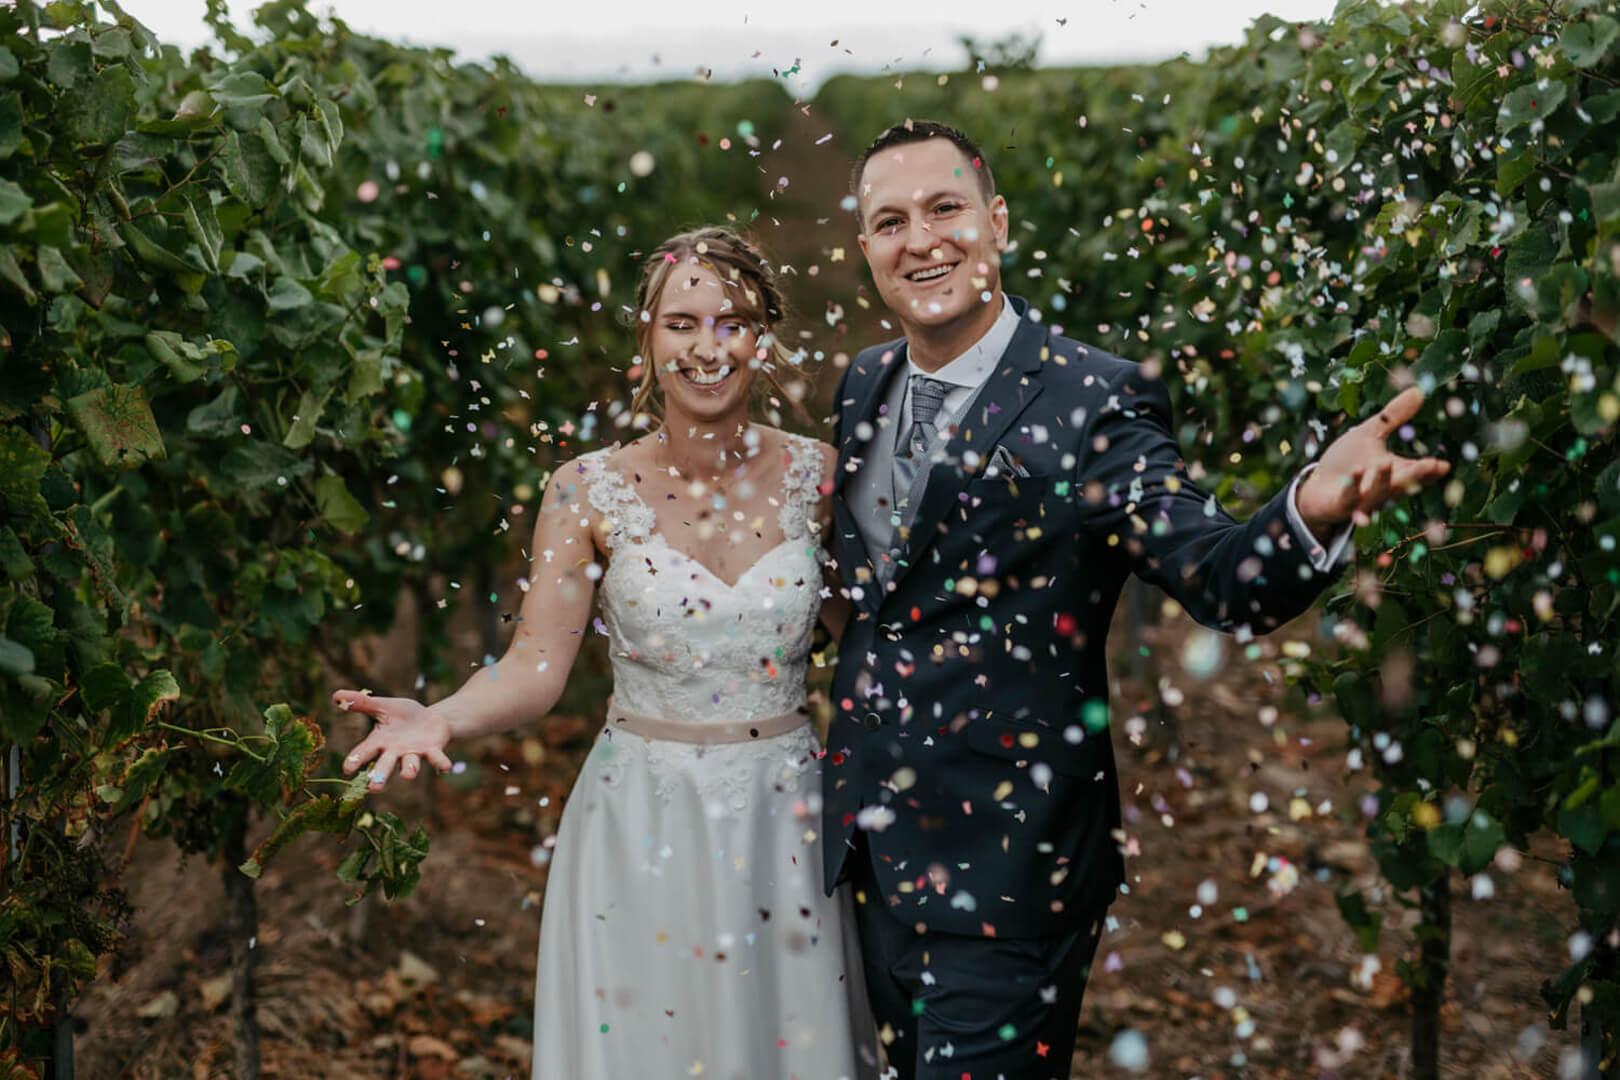 Lisa Treusch Hochzeitsfotografin Fotoshooting draußen Brautpaar in den Weinbergen wirft Konfetti witzige Hochzeitsbilder